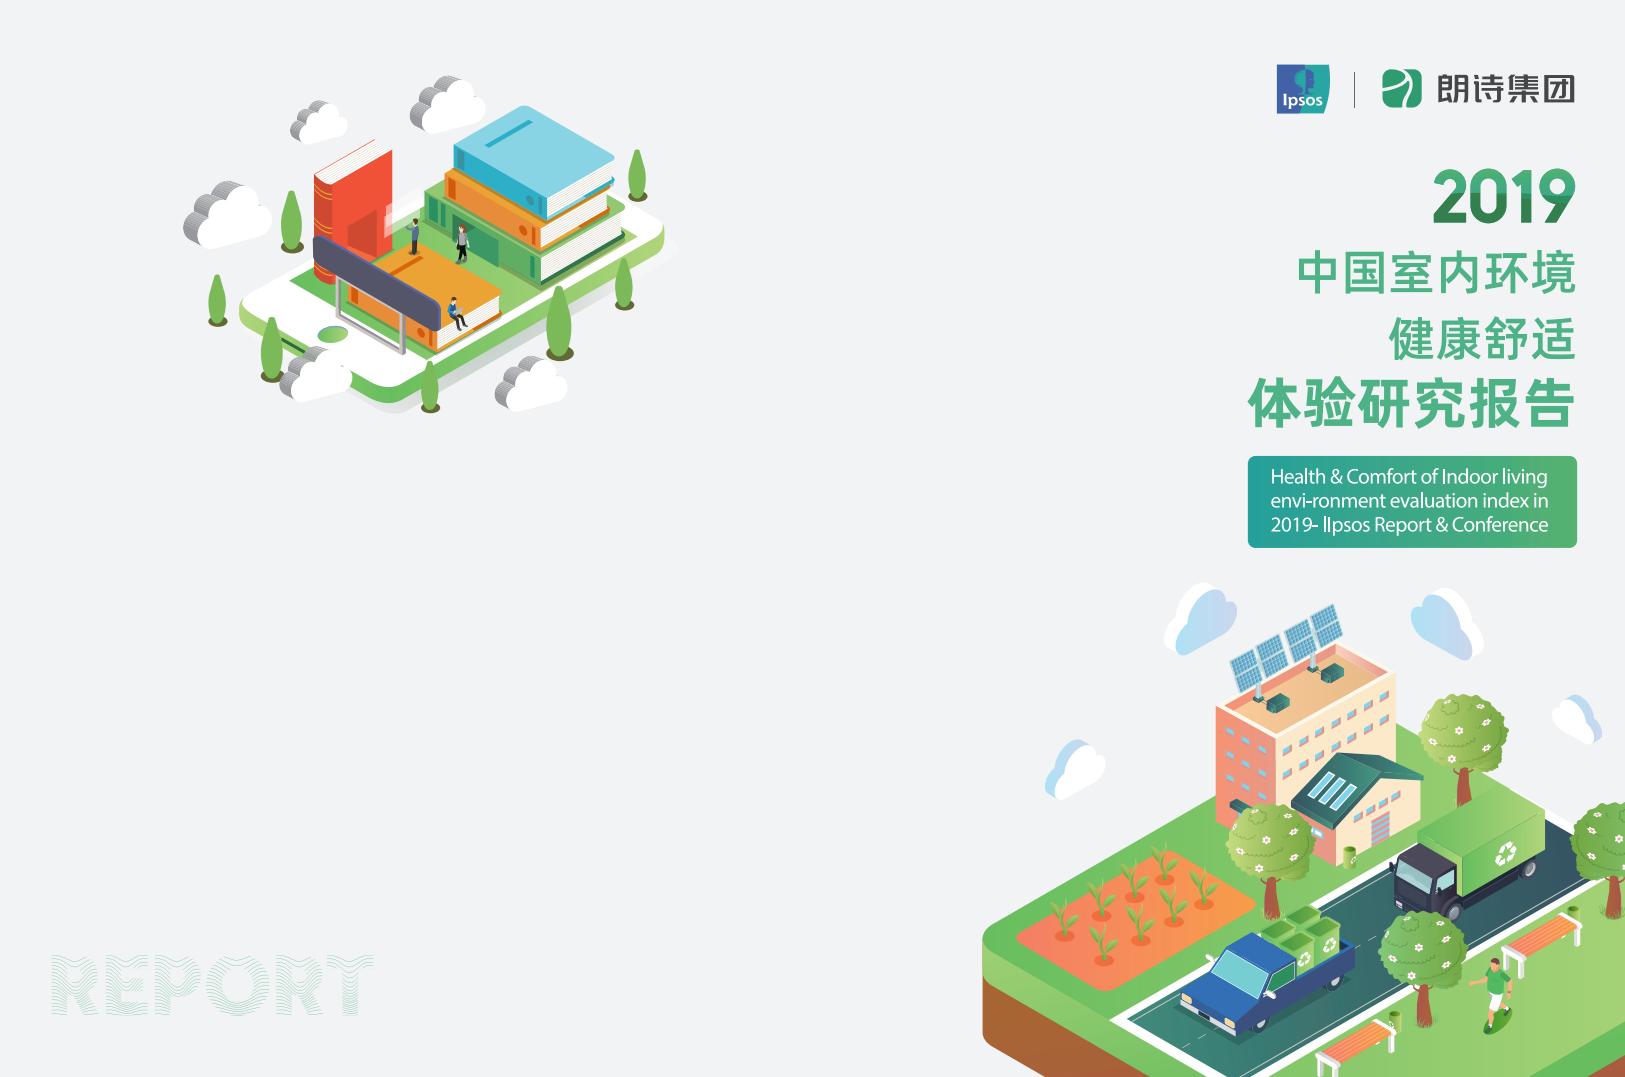 益普索Ipsos&朗诗集团:2019中国室内健康舒适体验研究报告(附下载)